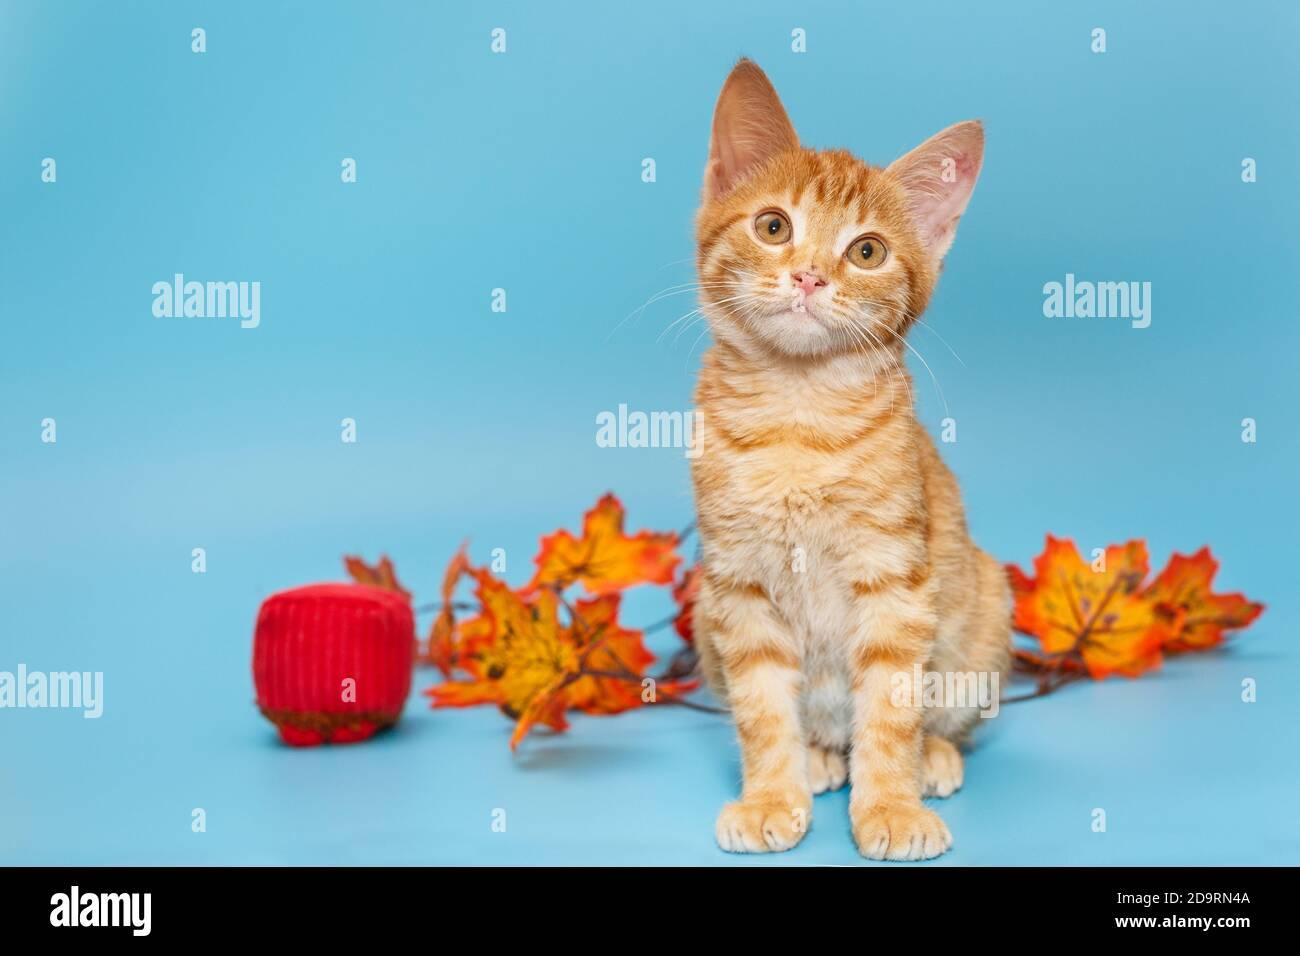 Pequeño gatito rojo y hojas de otoño sobre fondo azul Foto de stock